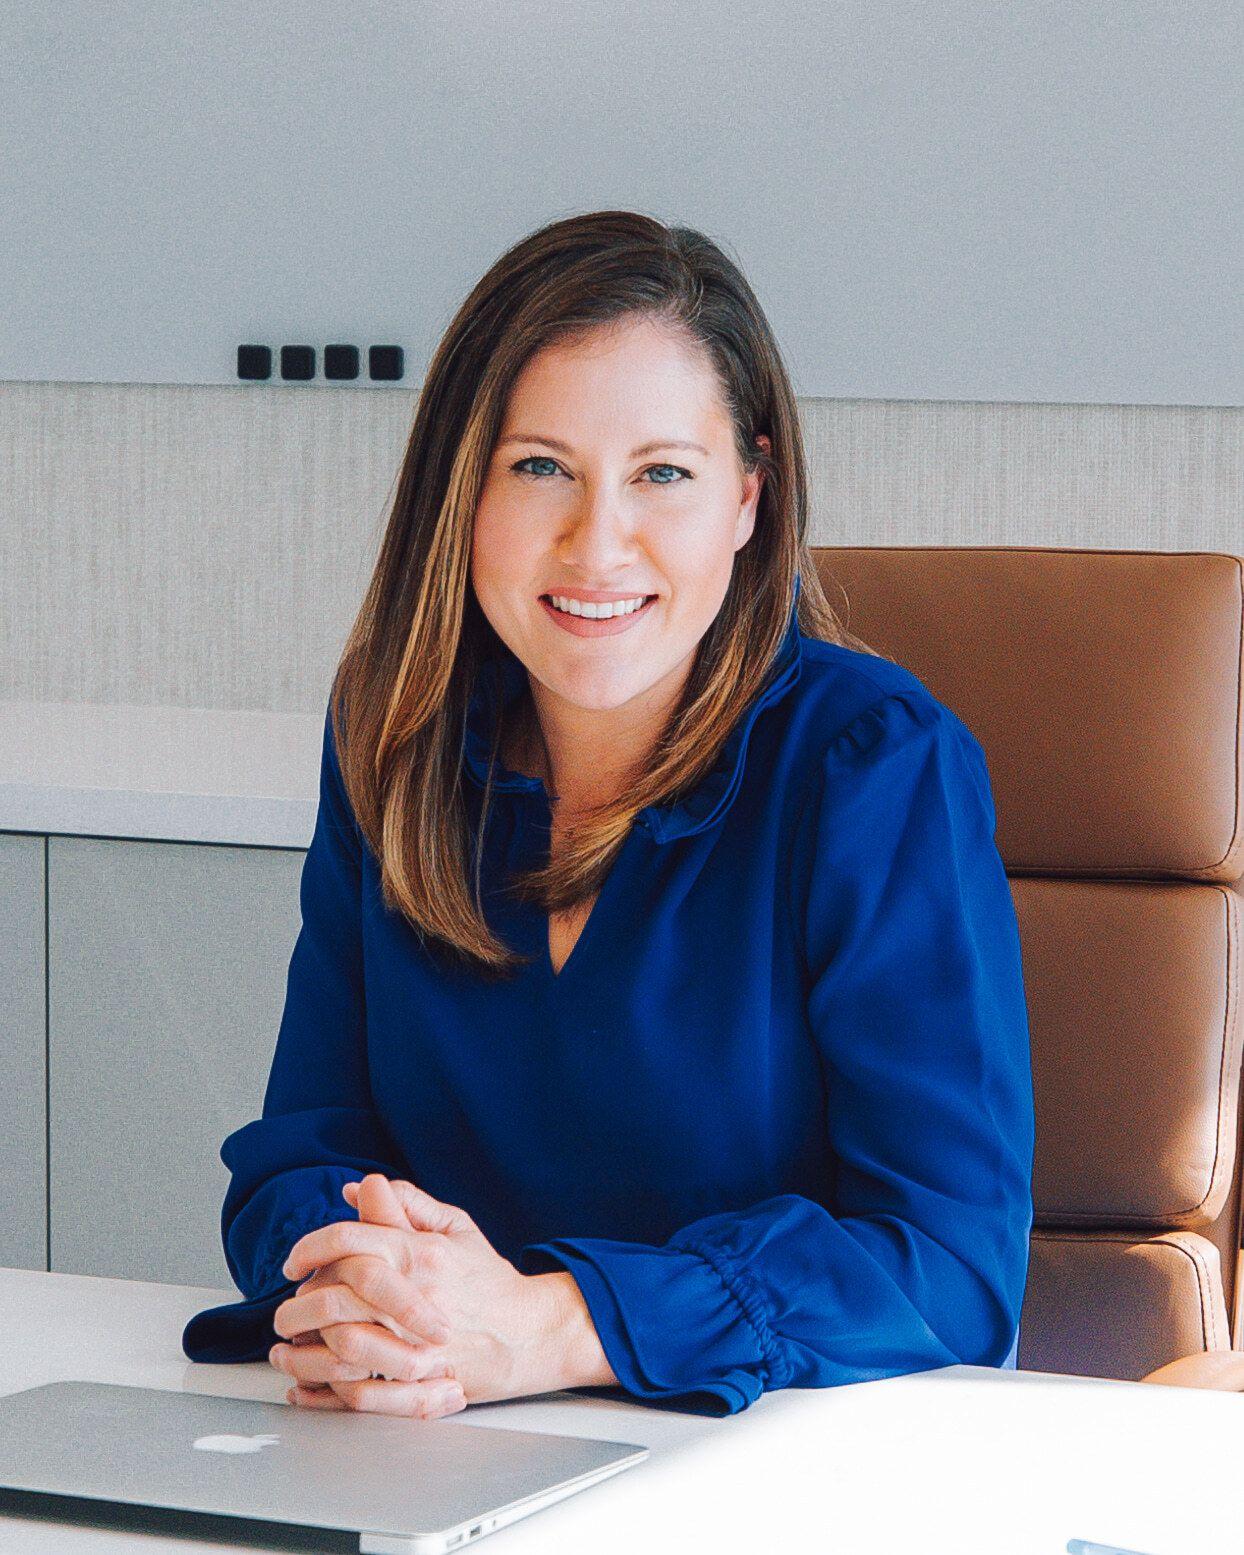 District 14 Candidate Elizabeth Viney